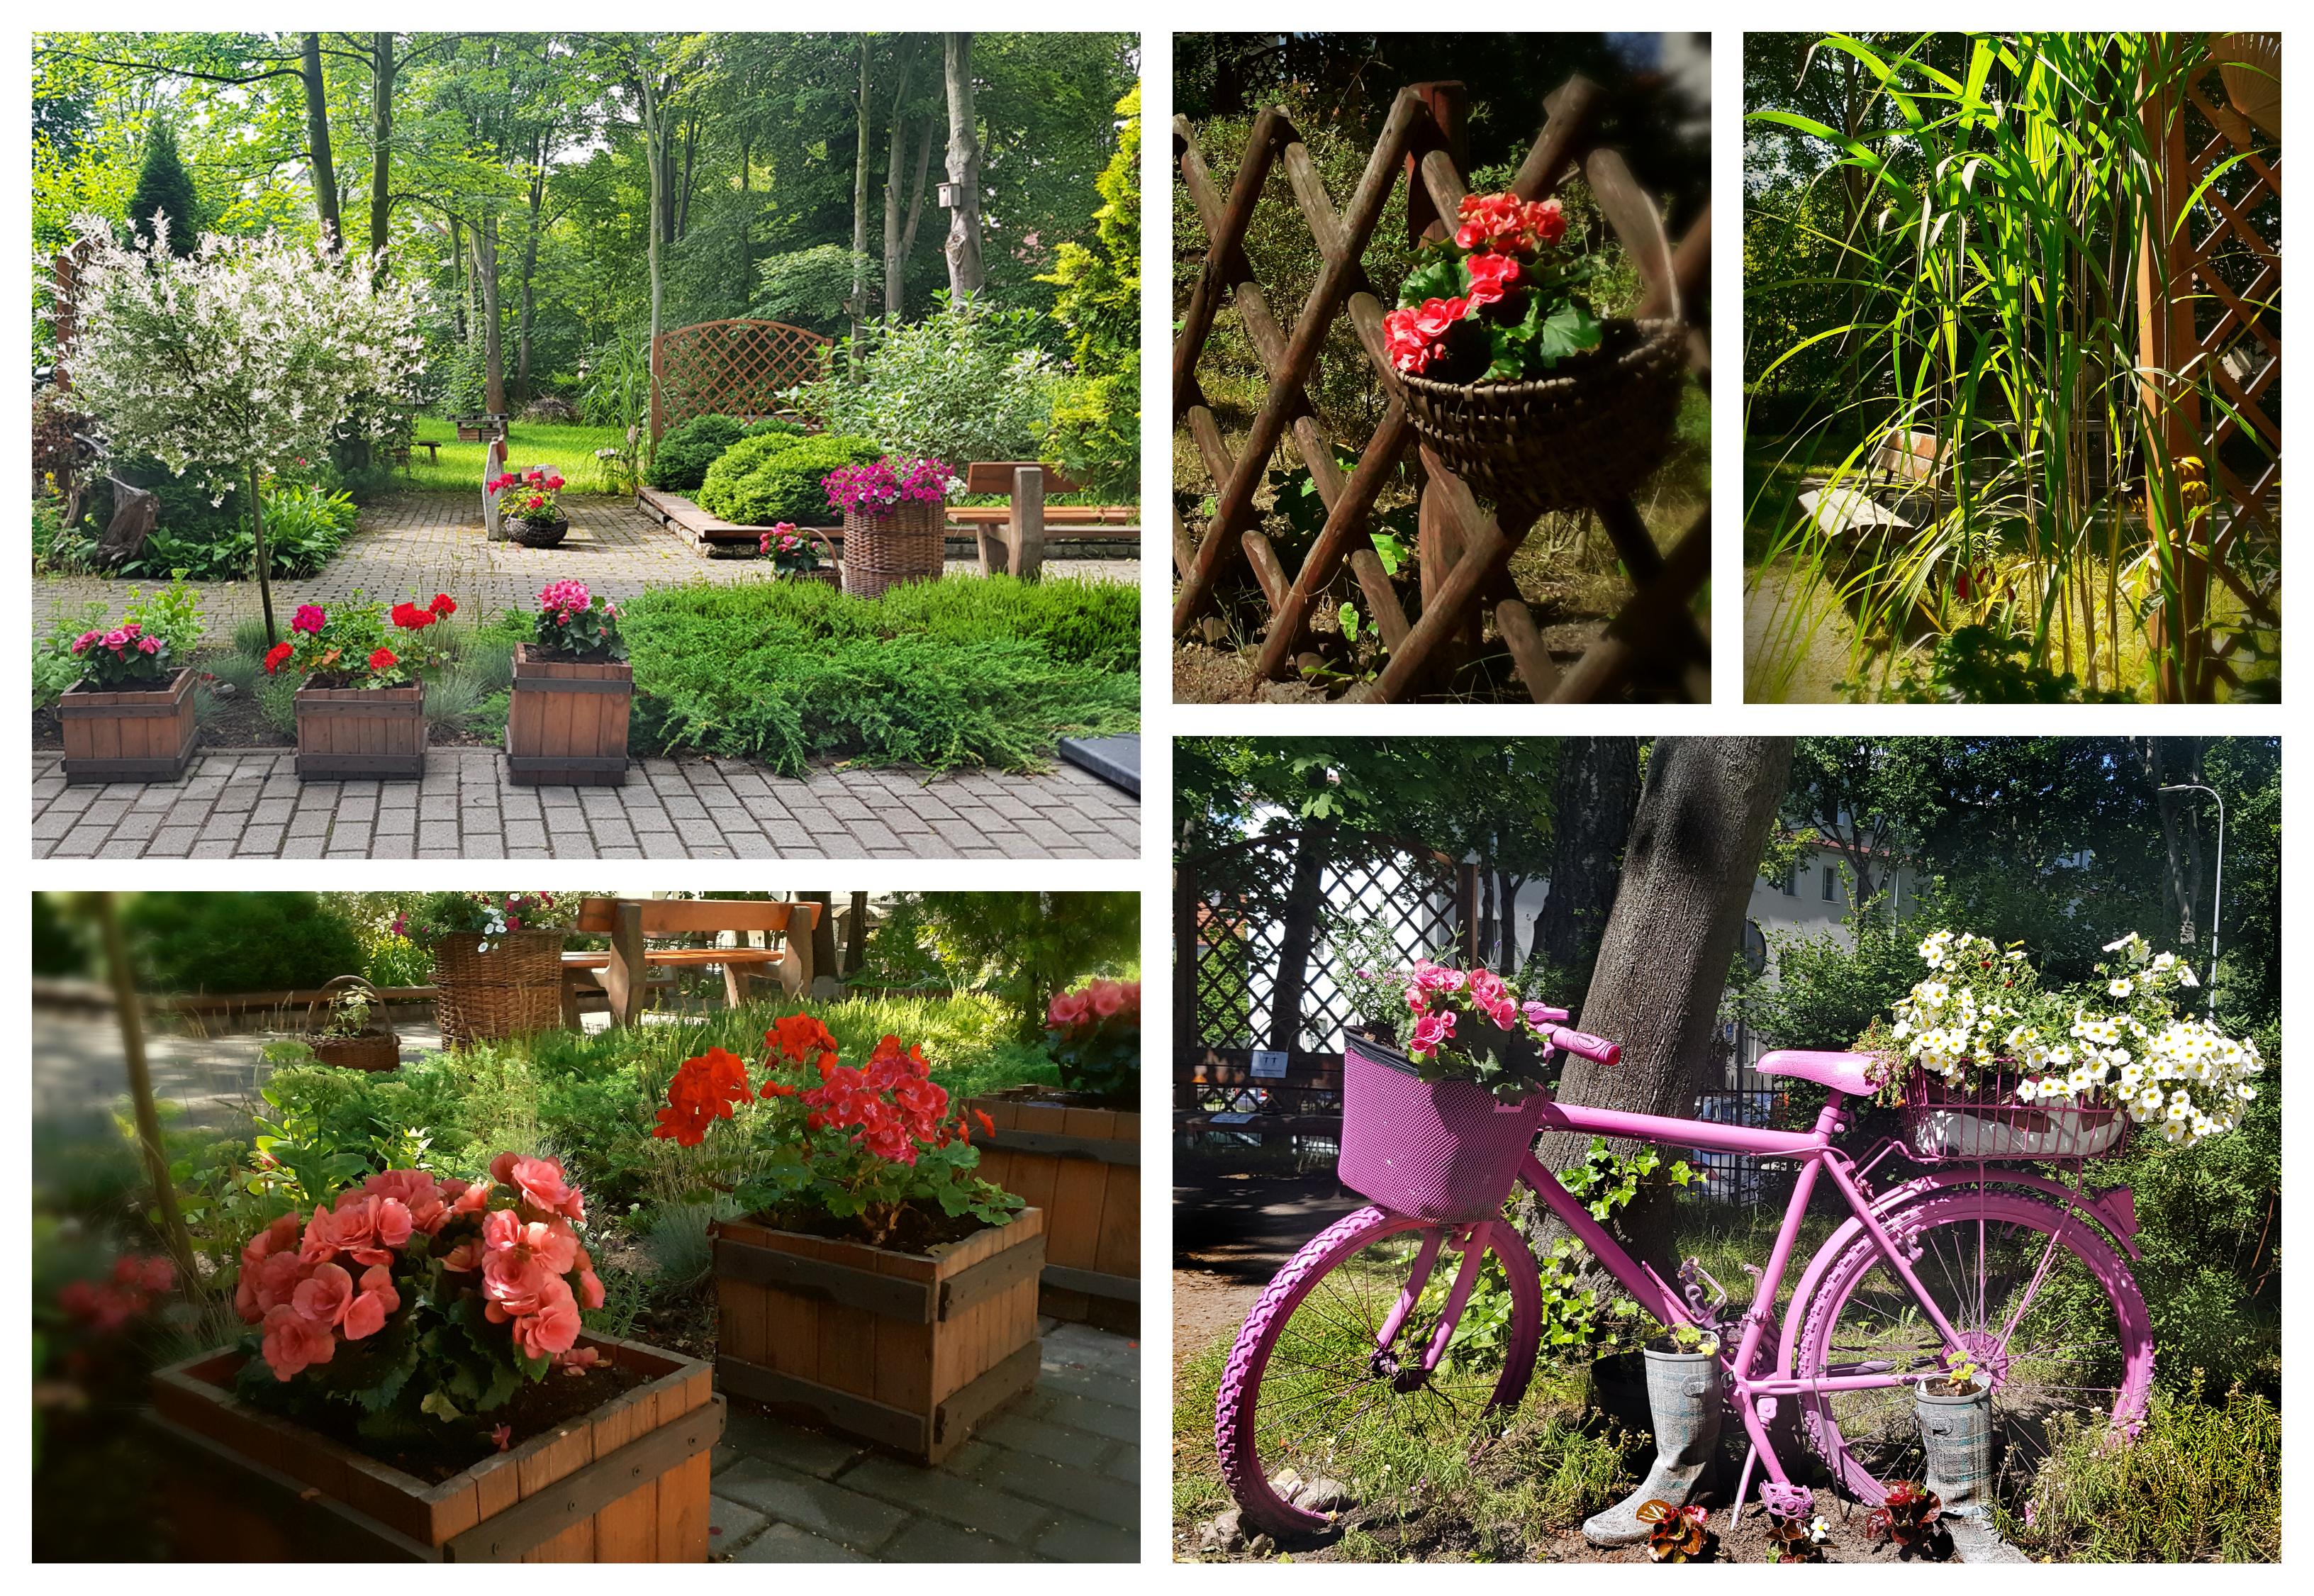 Aranżacja ogrodu przy Środowiskowym Domu Samopomocy Maczka 1, w której przeważają doniczki z begoniami i pelargoniami oraz różowy rower pełniący rolę kwietnika